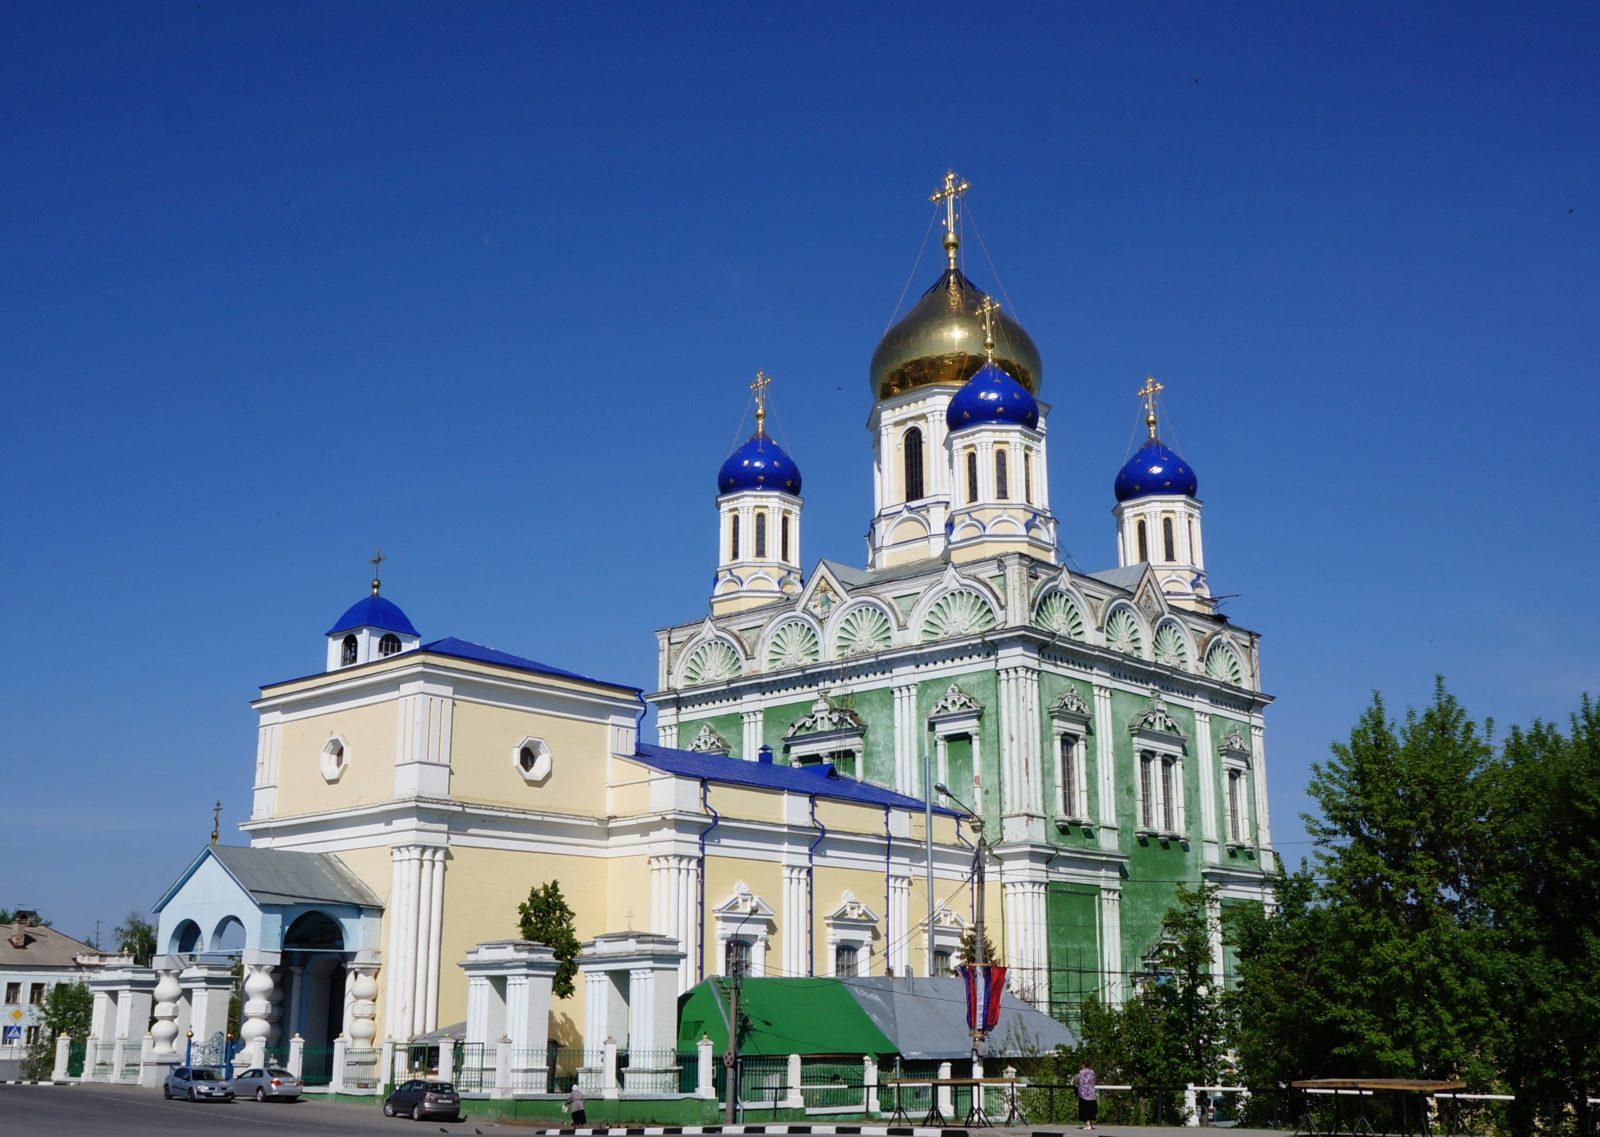 Елец, Липецкая область собор.